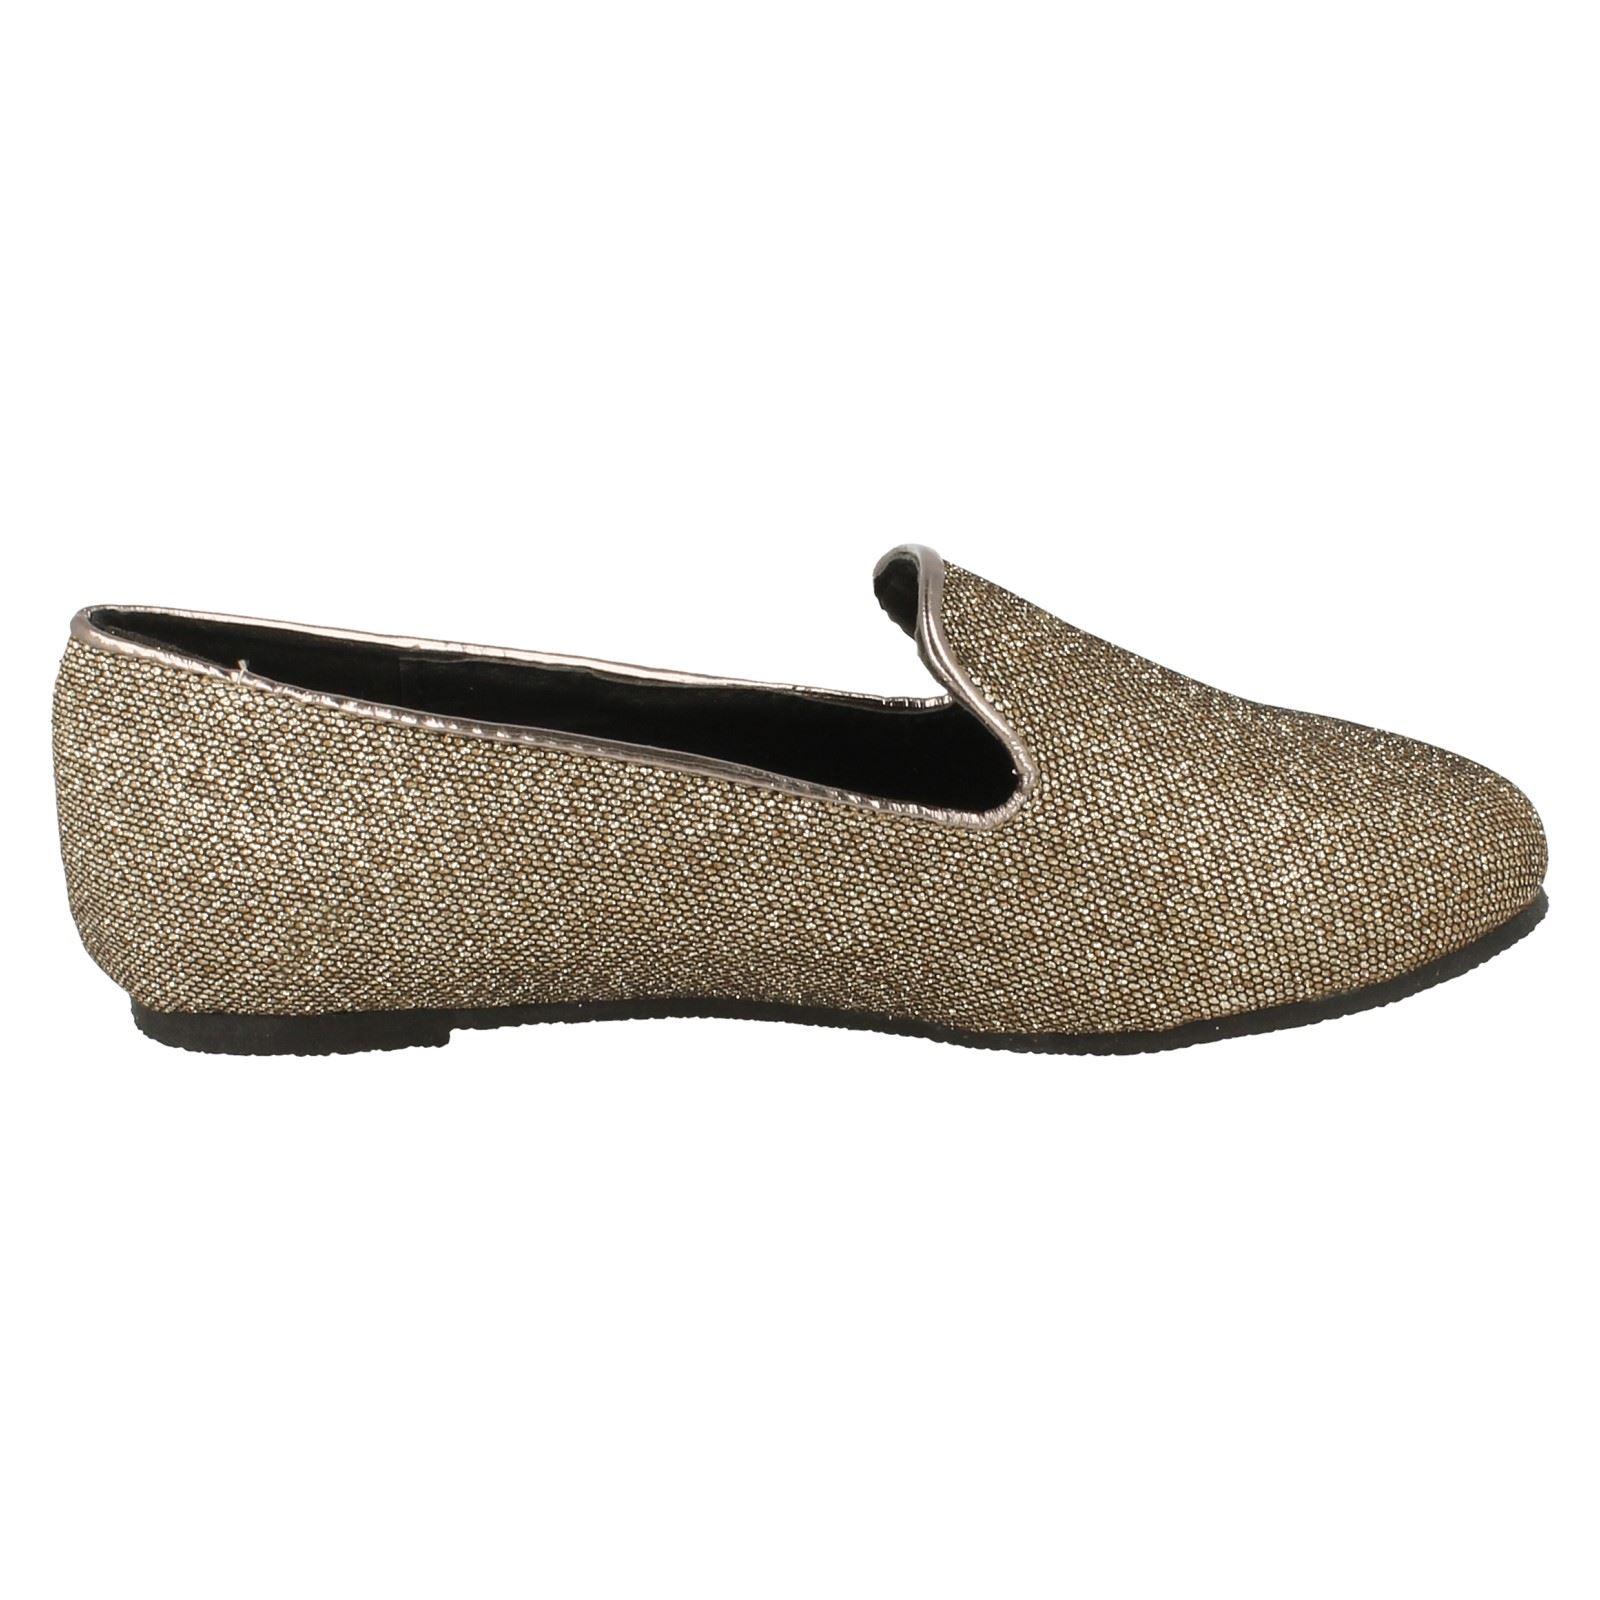 Girls Cutie H2253 Flat Slipper Cut Glitter Ballerina | eBay